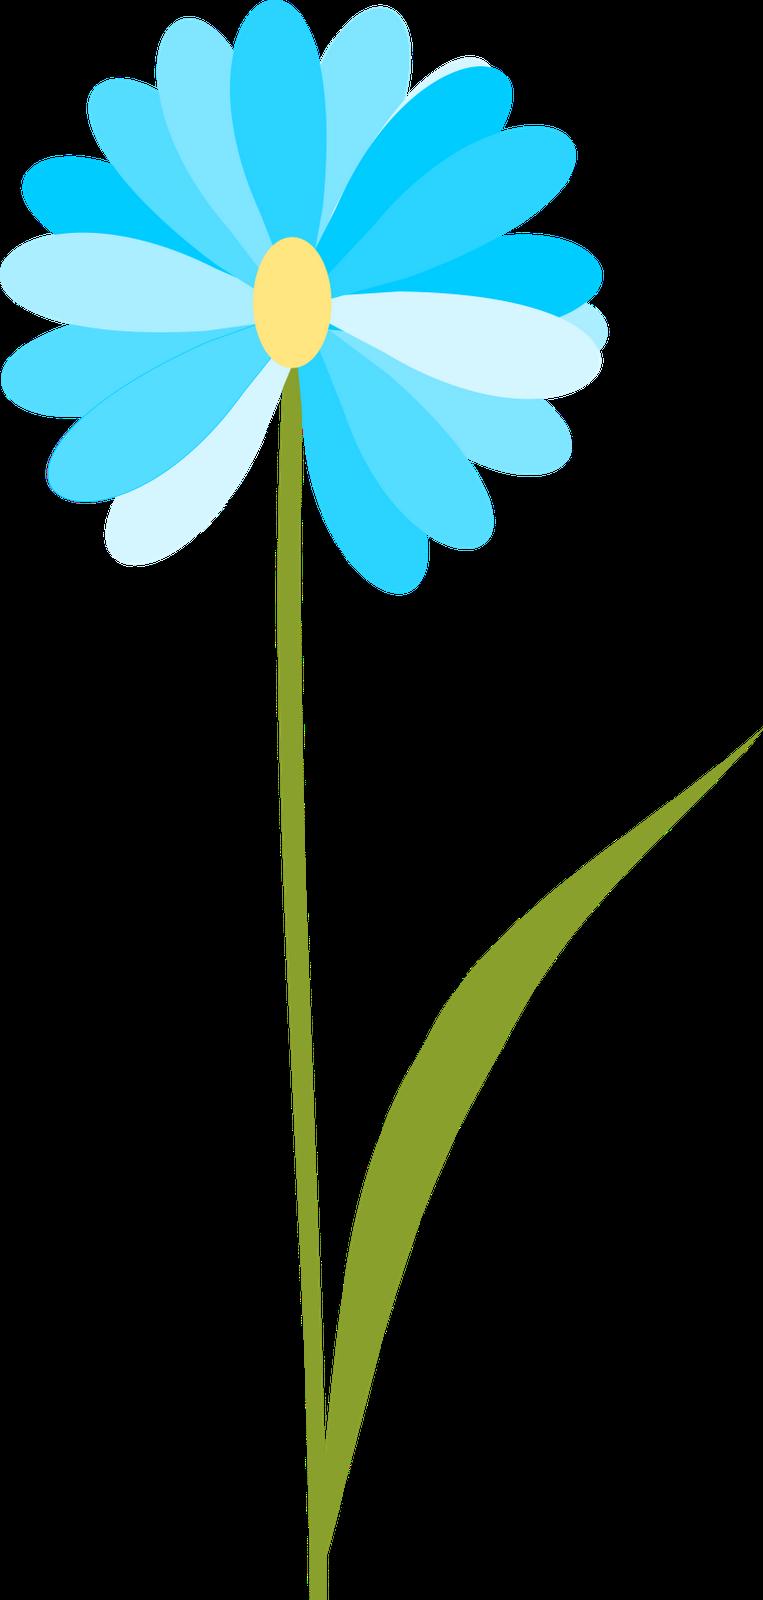 763x1600 Plant Clipart Transparent Background